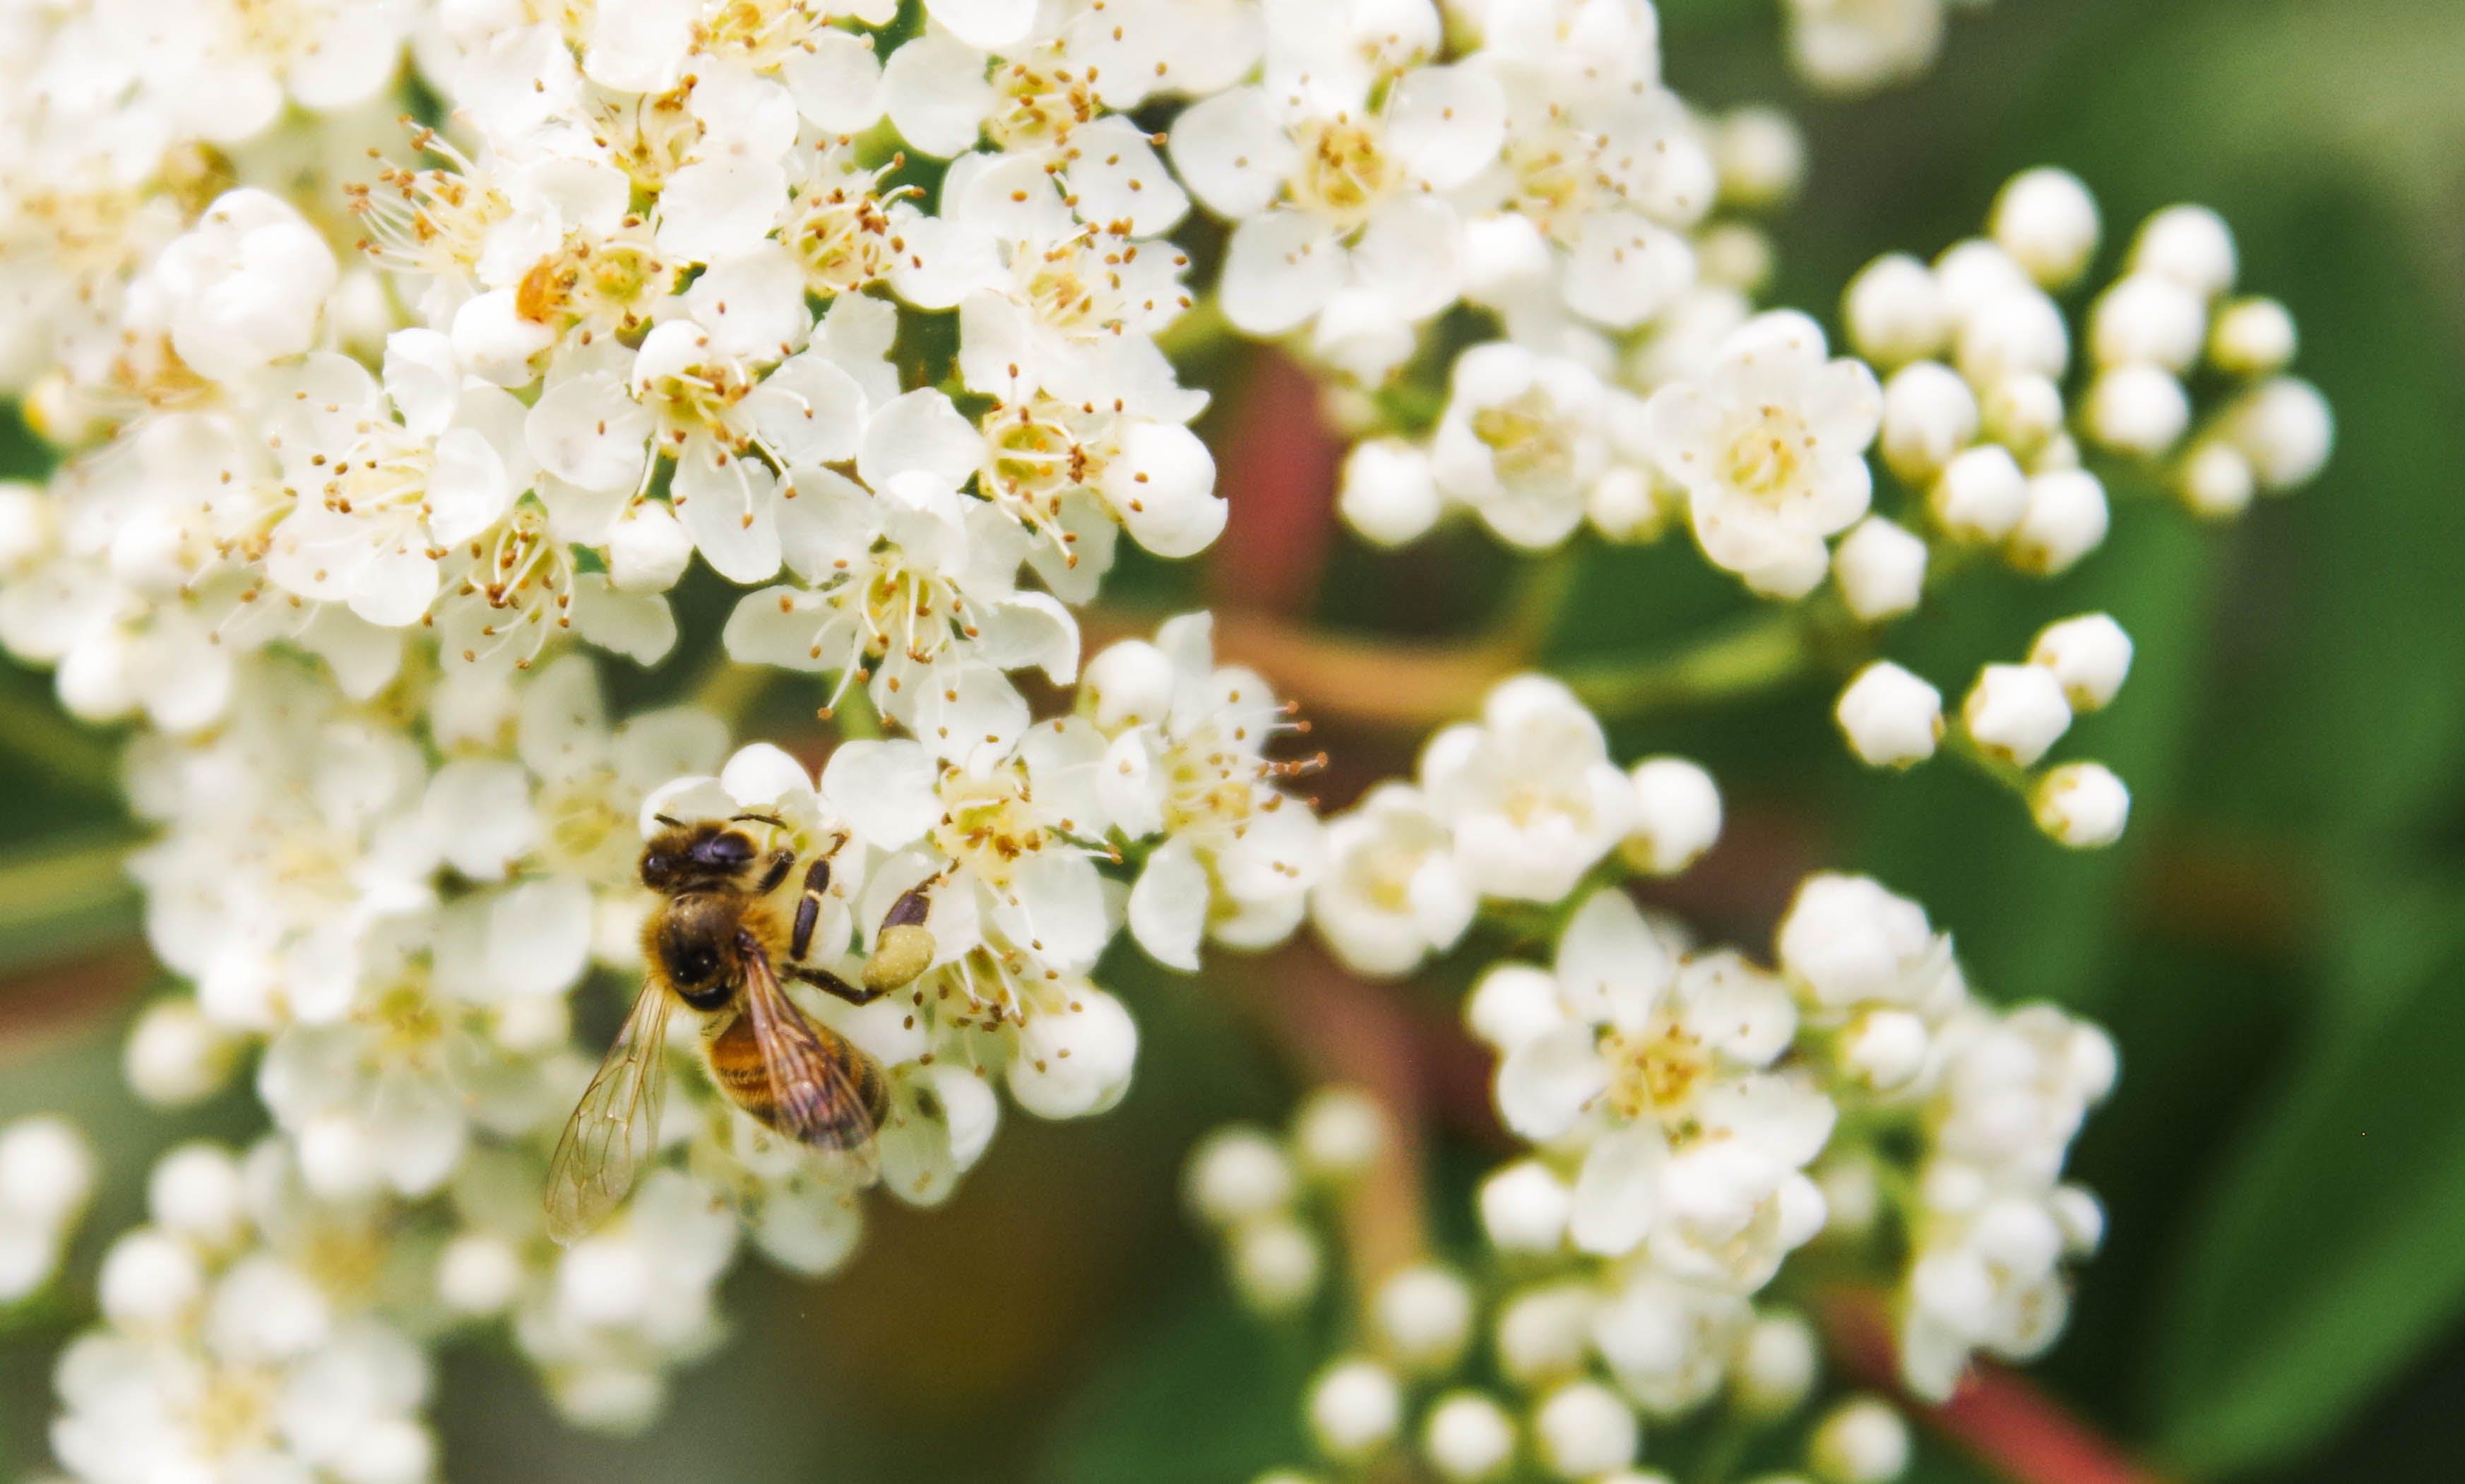 Gratis lagerfoto af bestøvning, bi, blomster, blomstrende